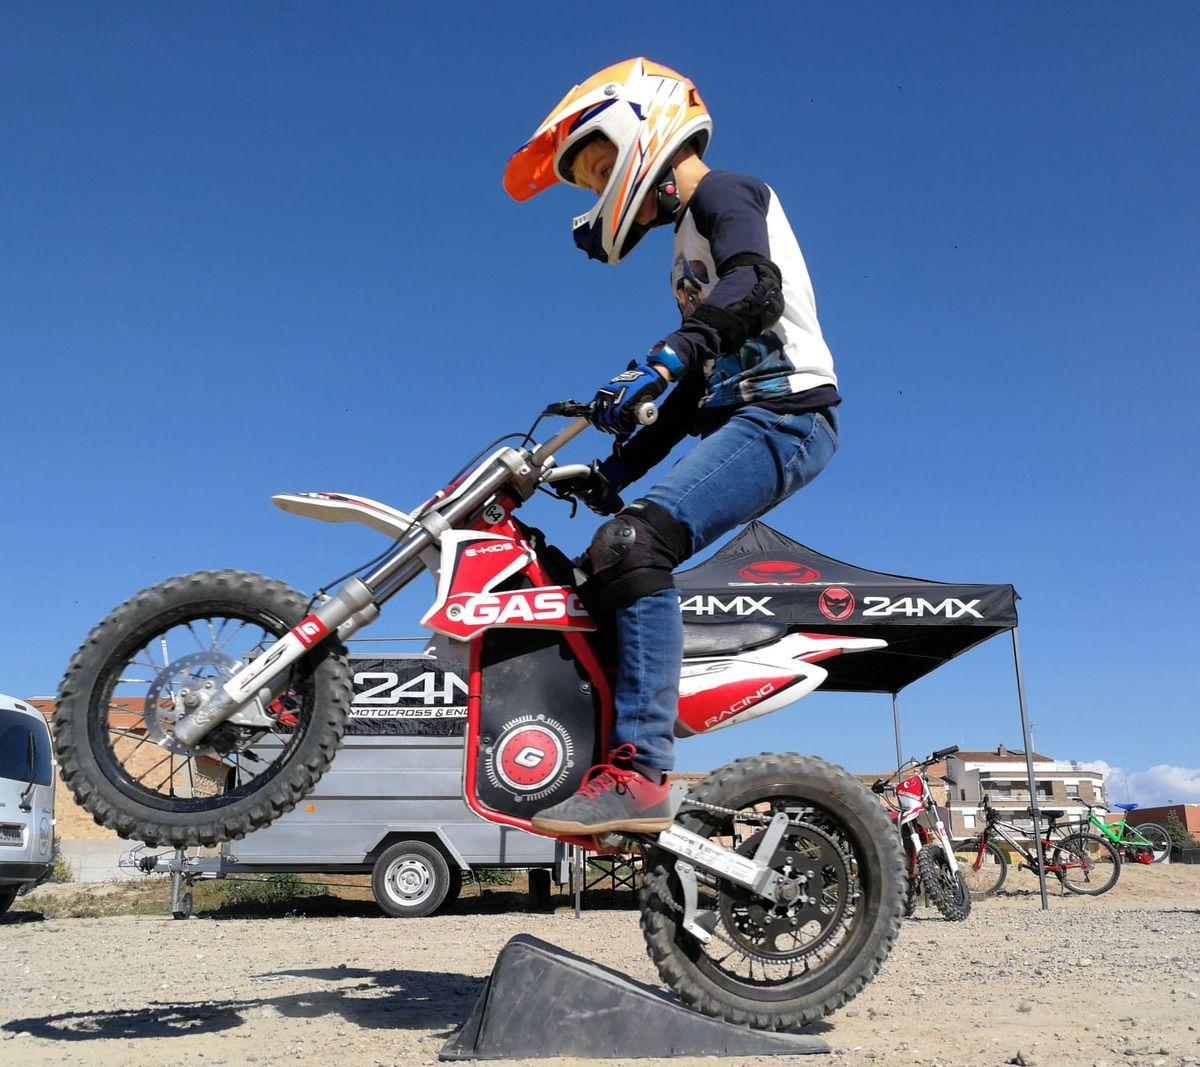 24MX y XLMOTO apuestan por el motociclismo sostenible